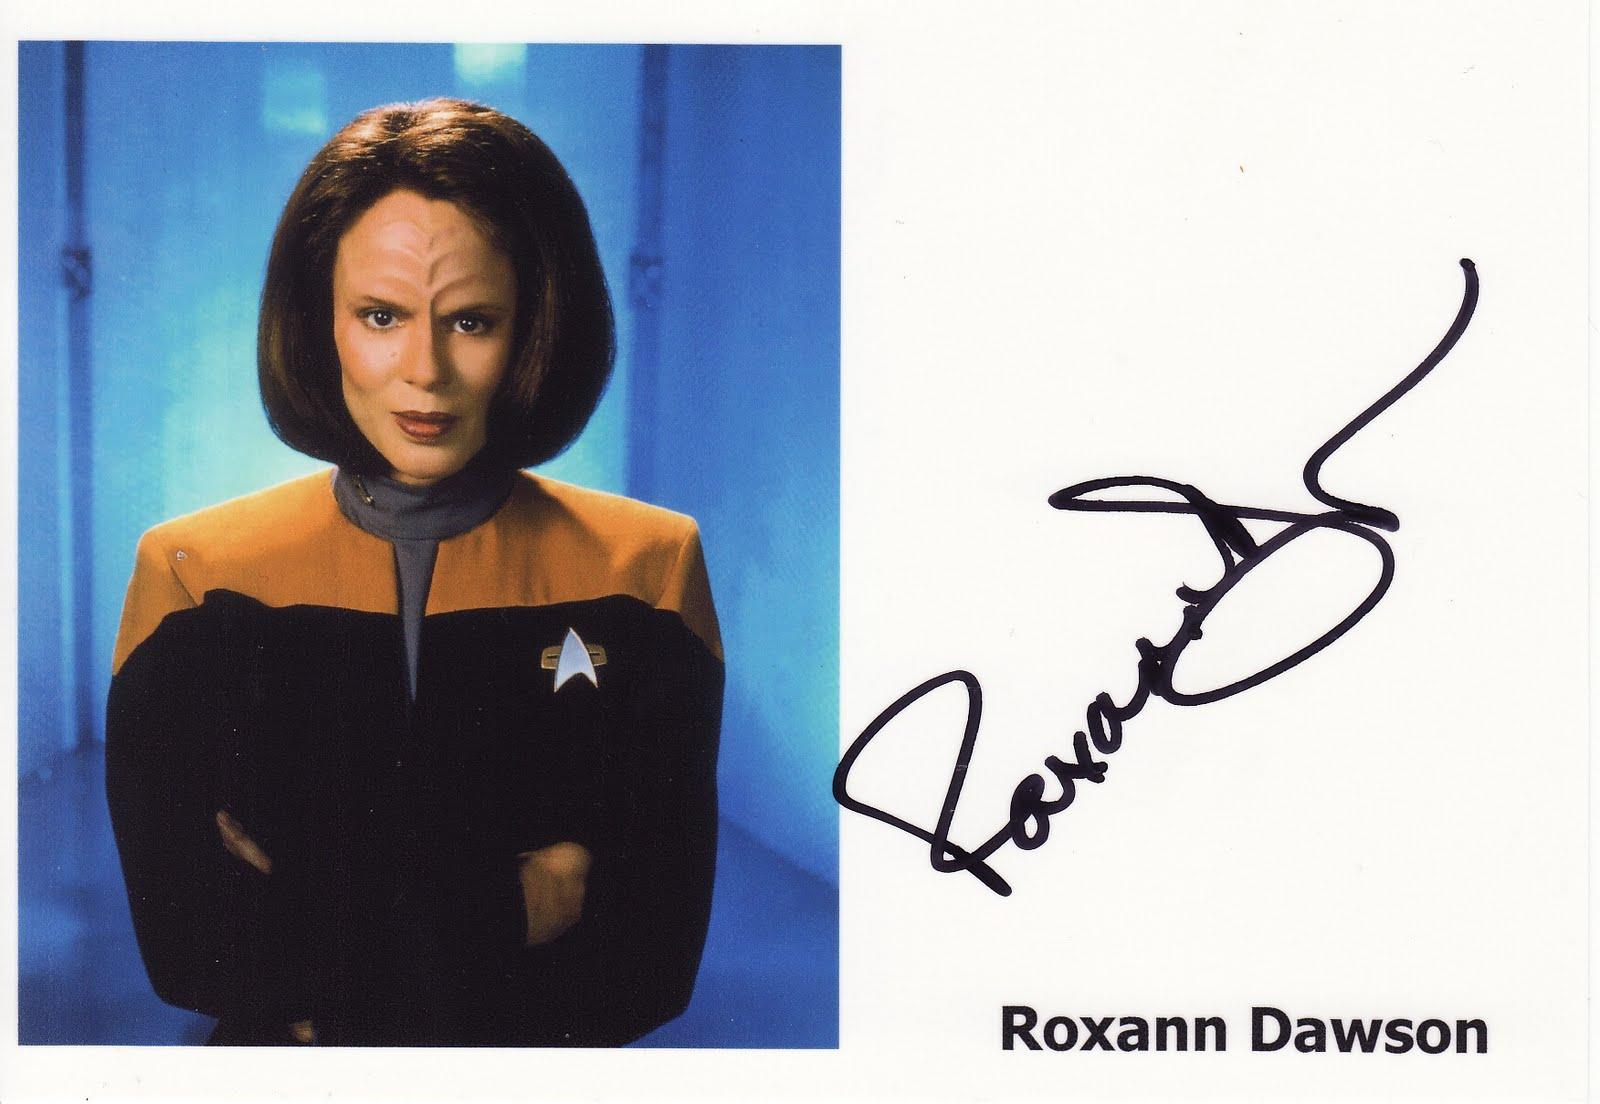 Roxann Dawson - Images Wallpaper